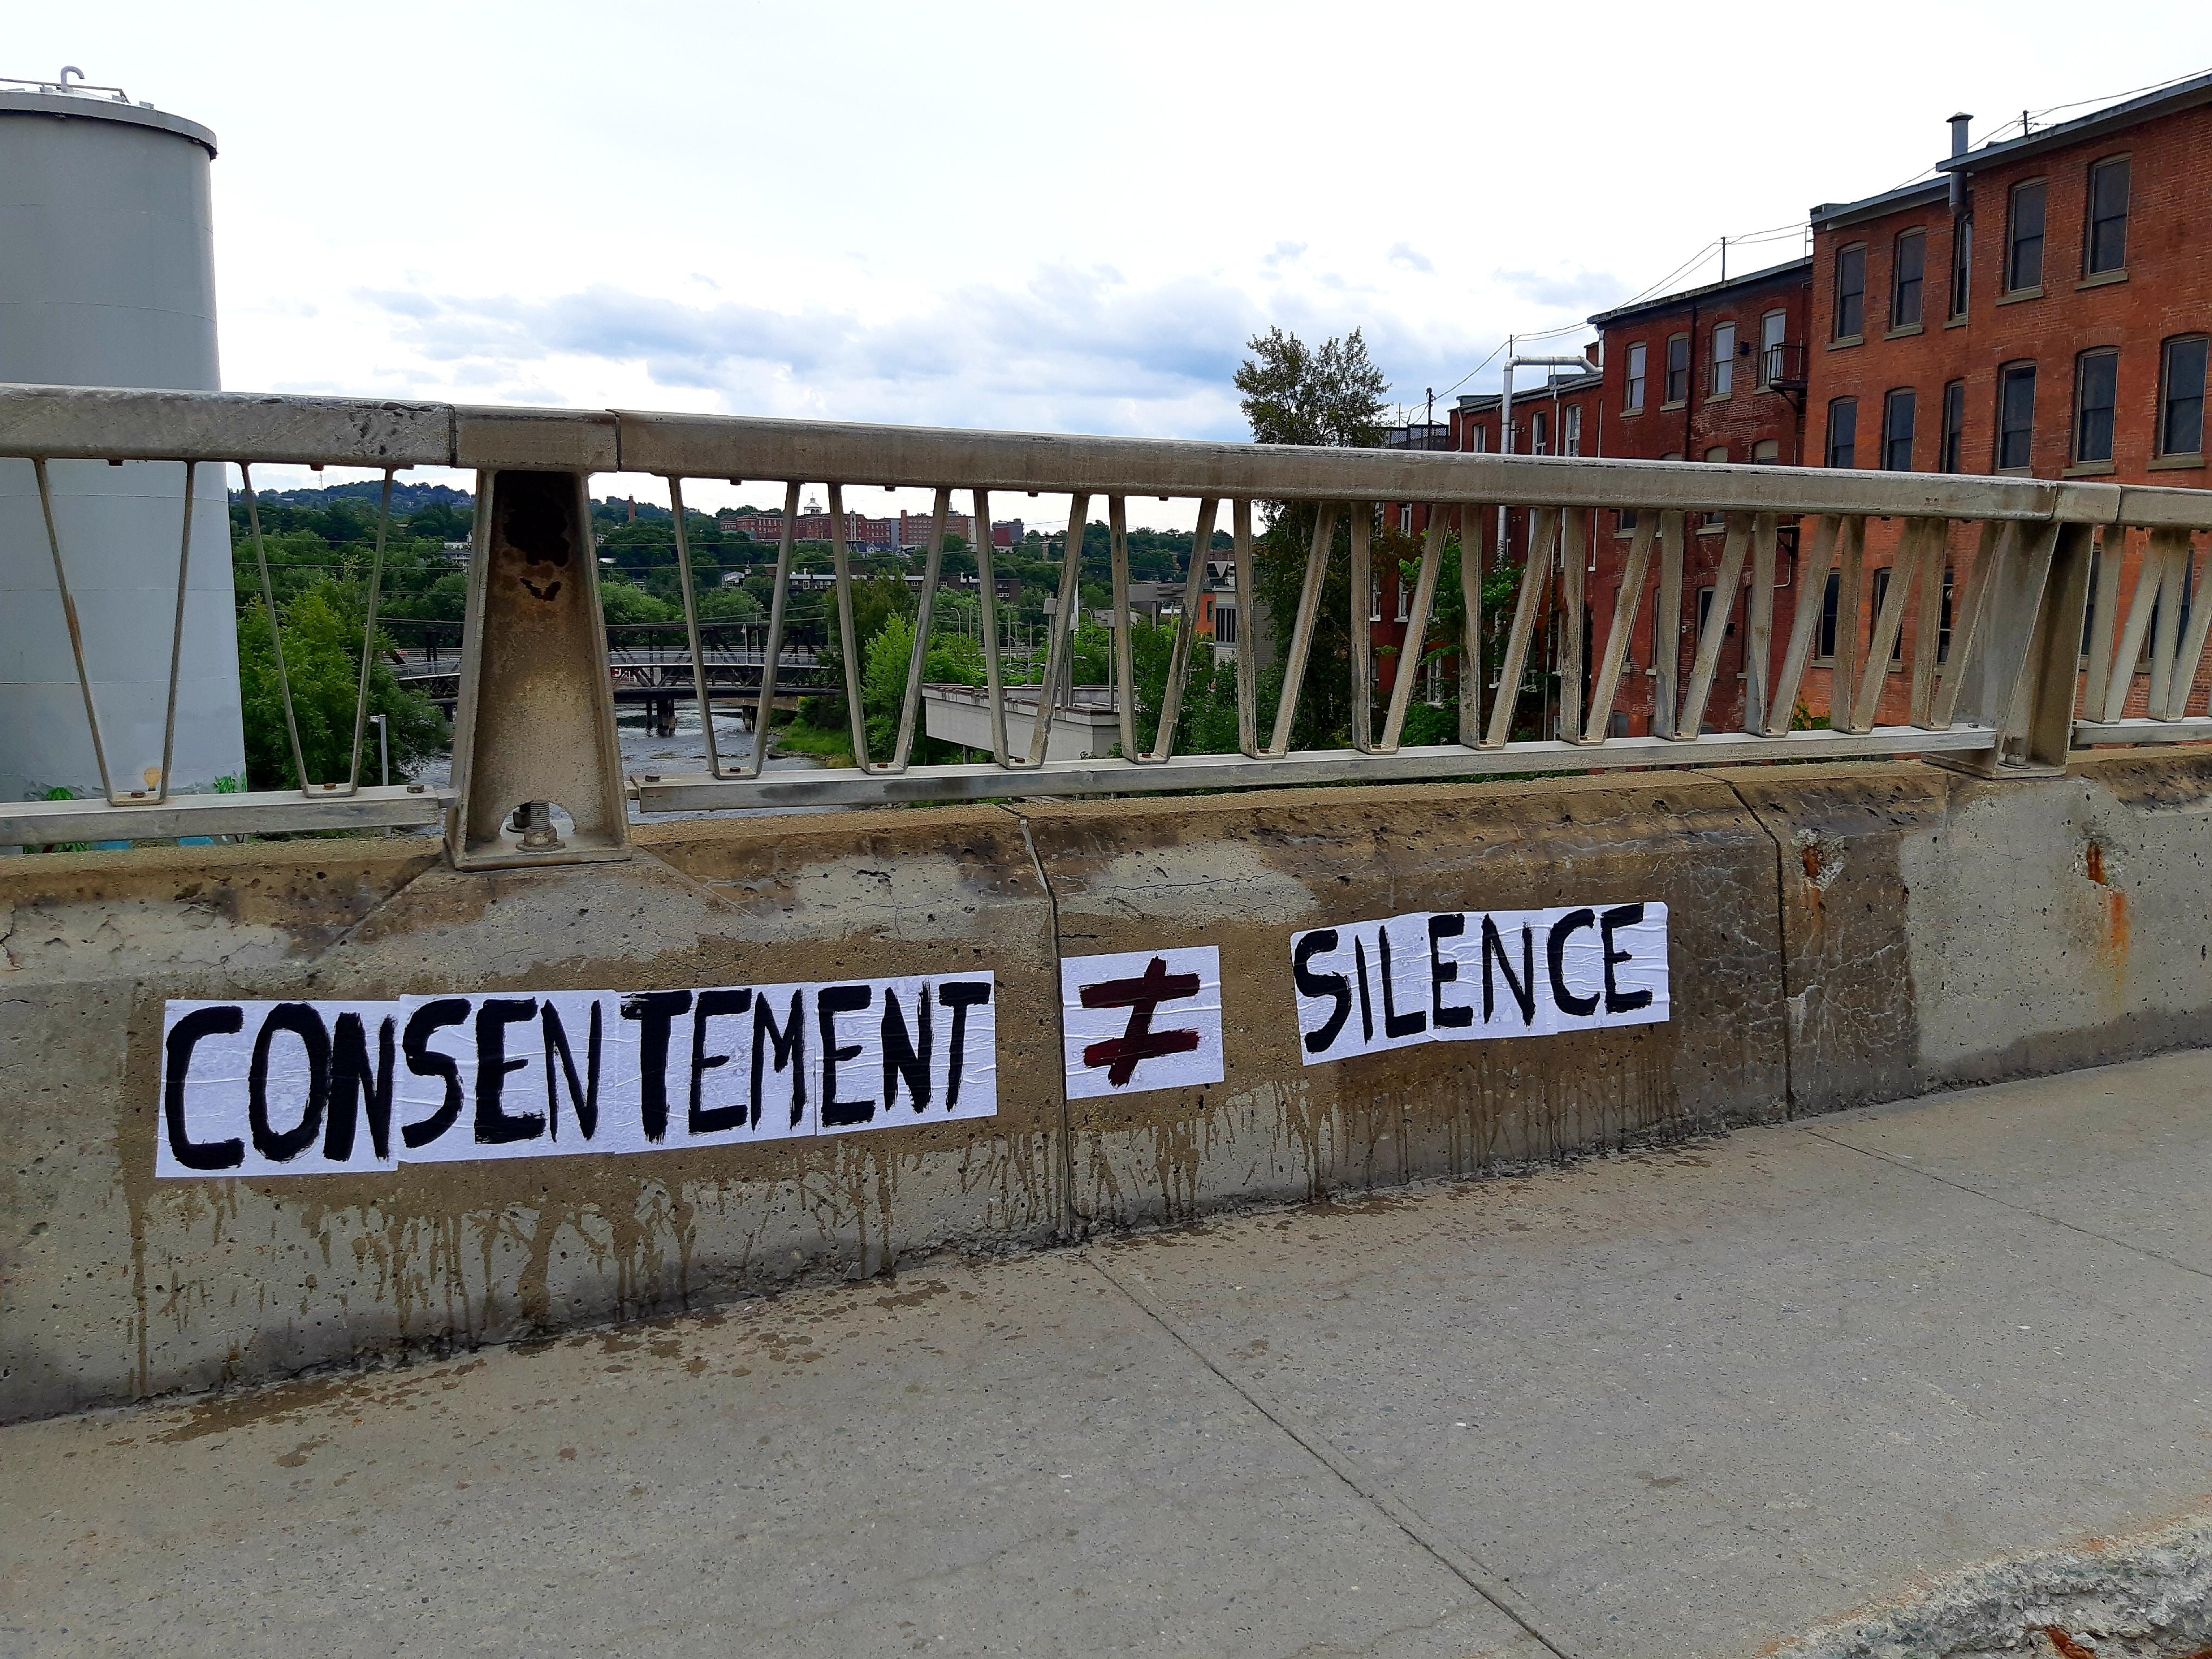 ICI ESTRIE: VIOLENCE SEXUELLE: POUR UNE POLITIQUE DE TOLÉRANCE ZÉRO EN MILIEU DE TRAVAIL